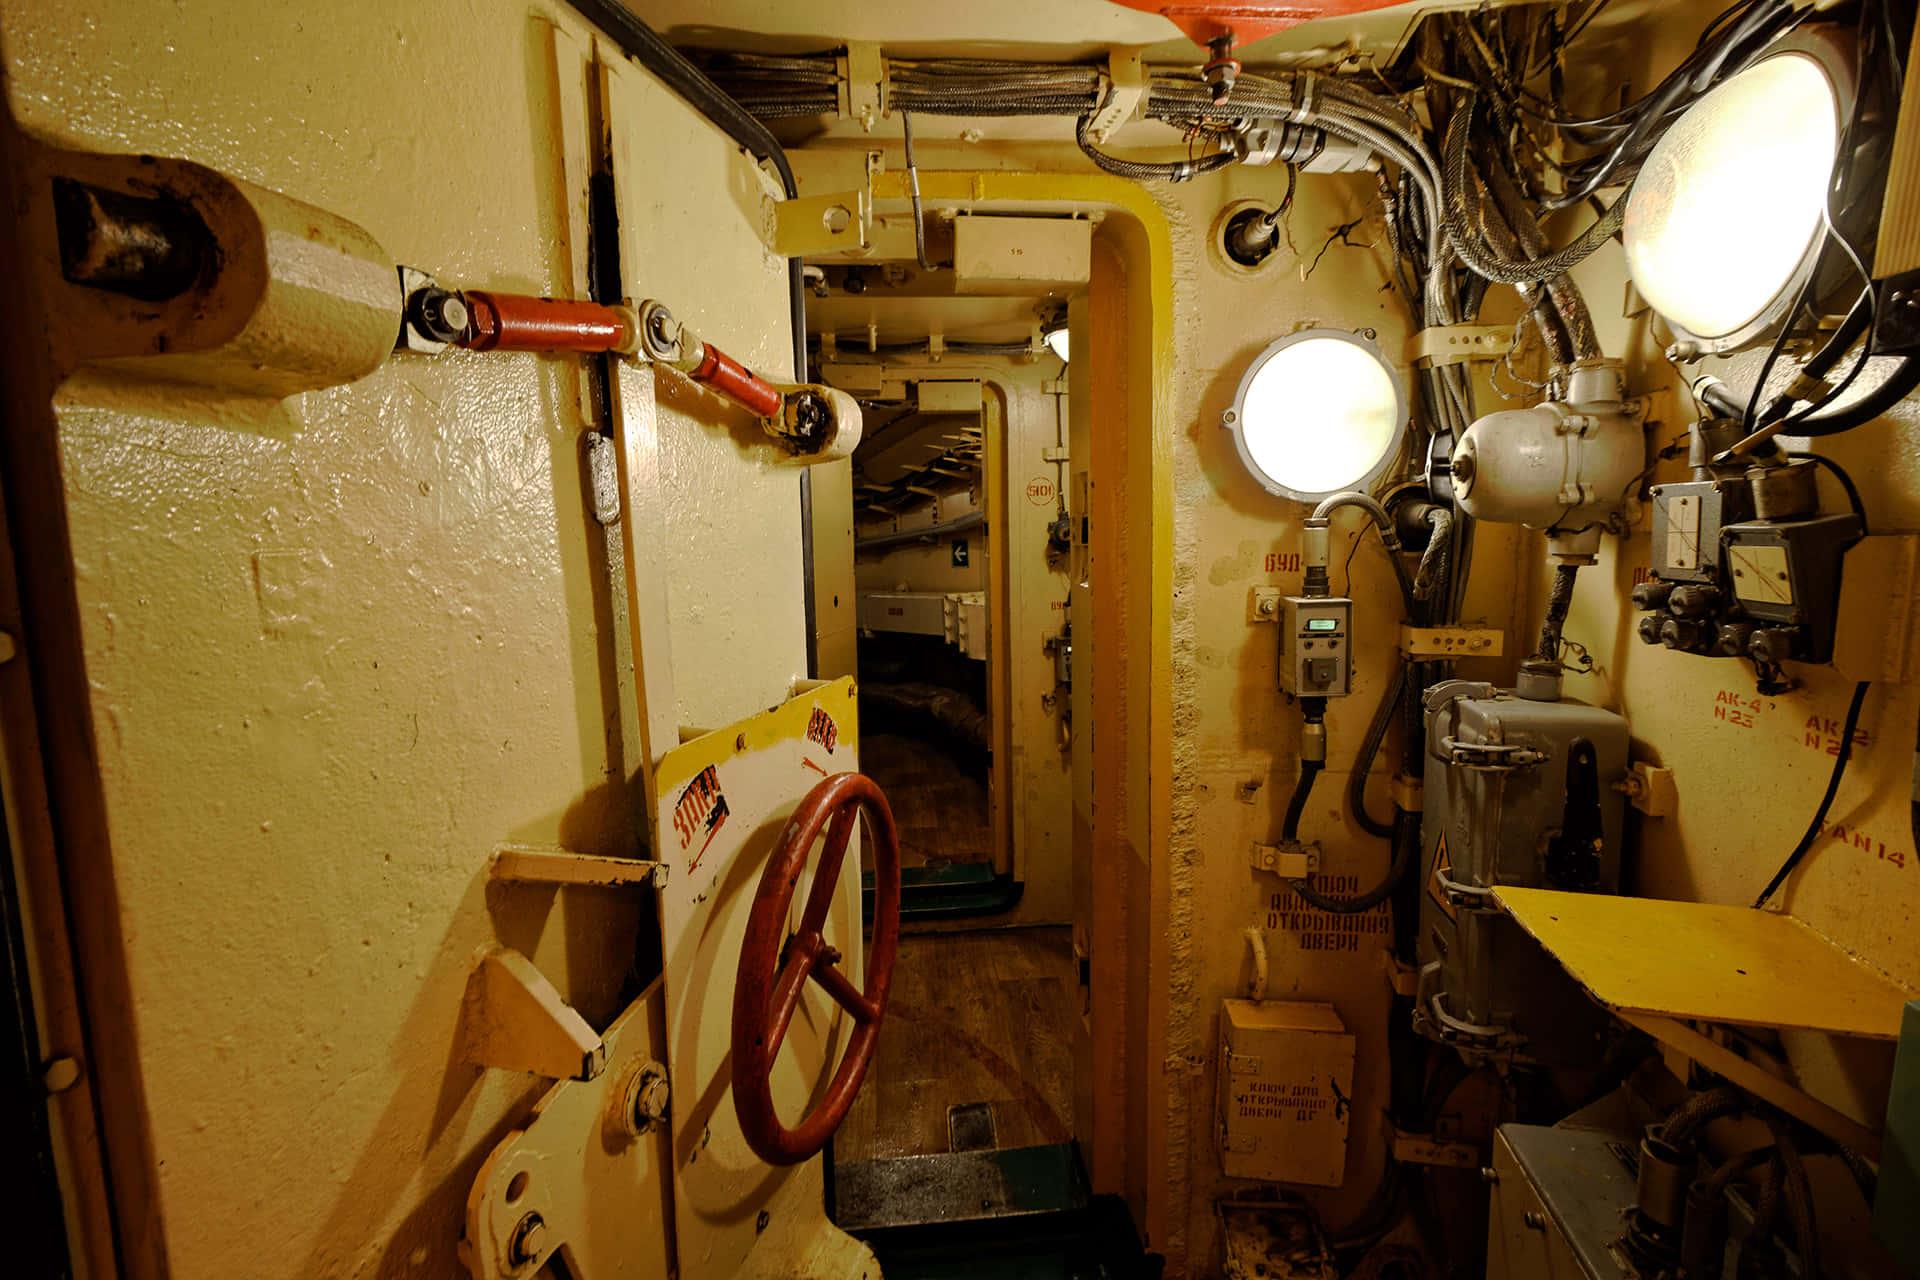 Из подземной шахты можно было выбраться на поверхность при помощи скрытых выходов, которые похожи на торпедные отсеки подводной лодки